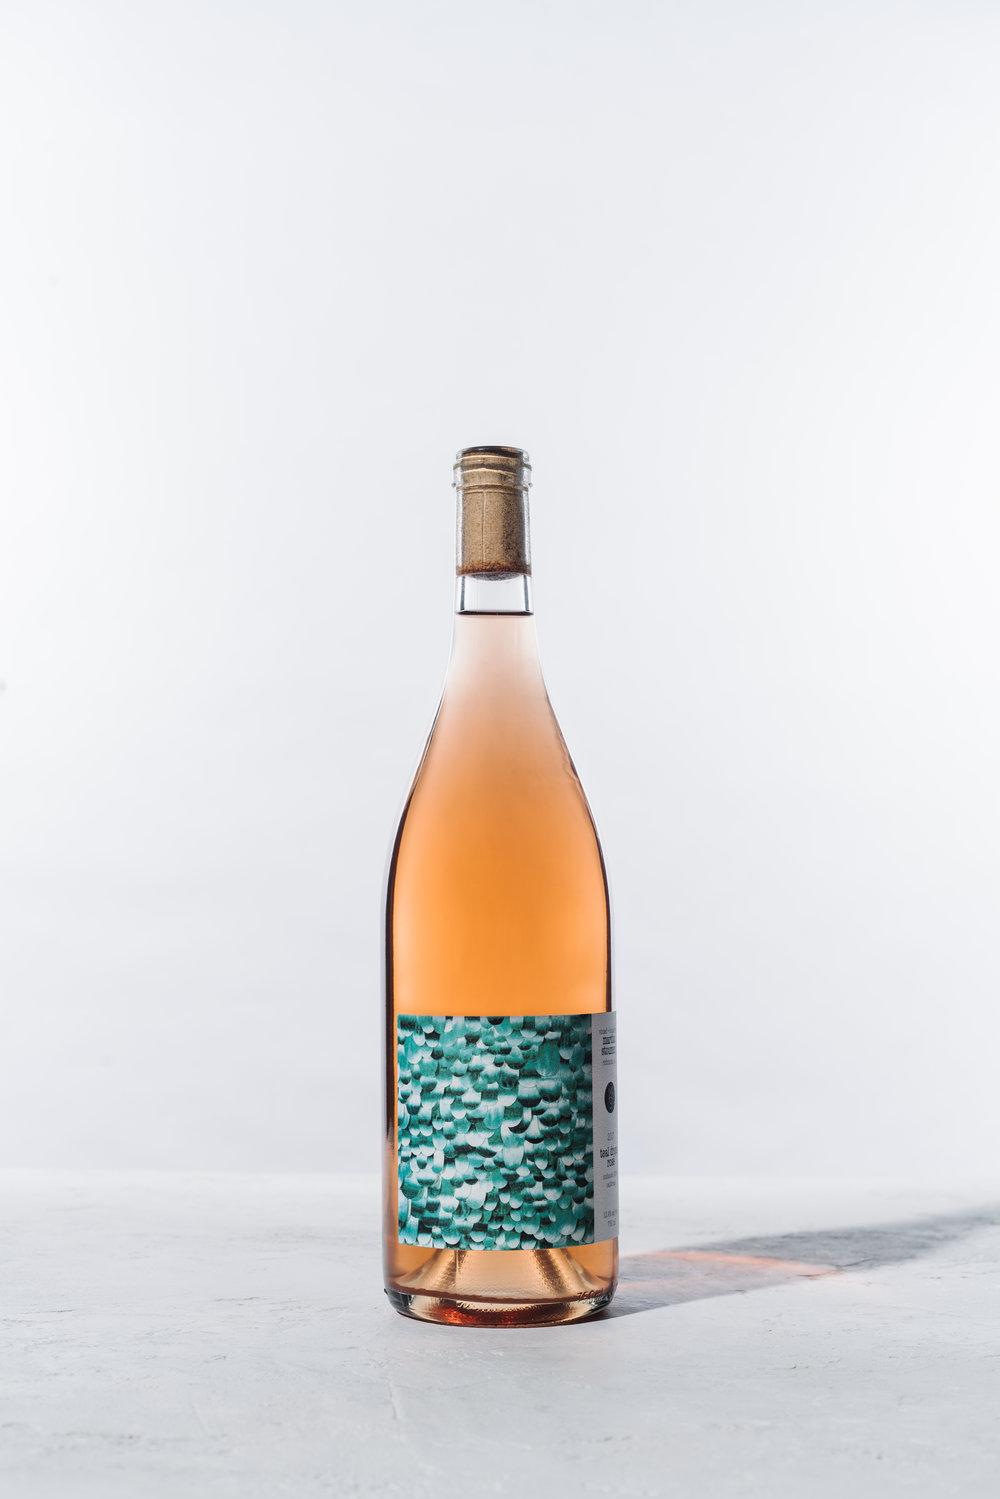 2017 Teal Drops Rosé | $32